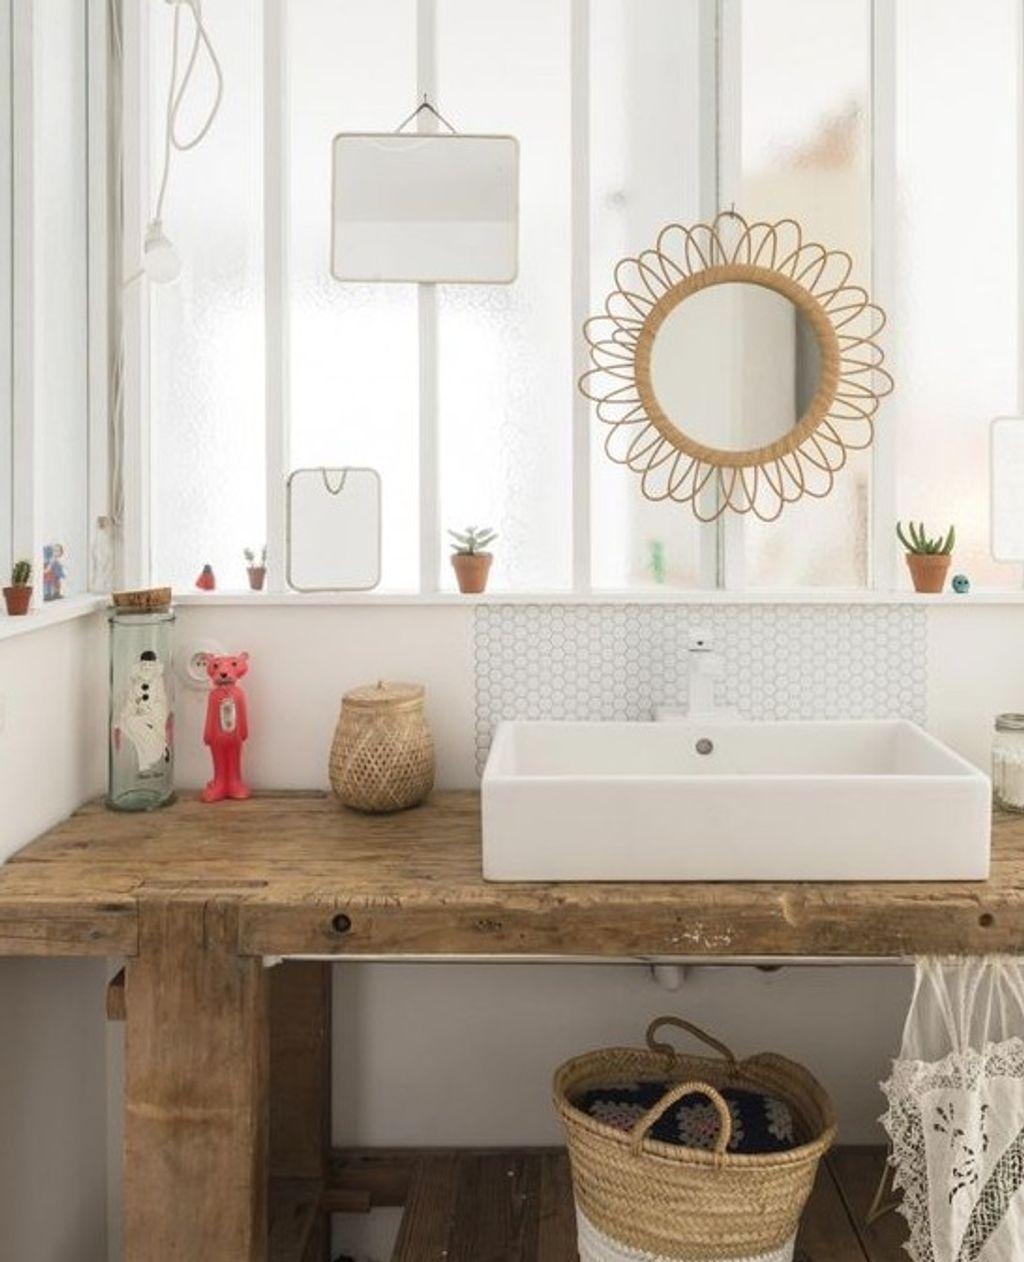 DIY : fabriquez votre plan vasque pour votre salle de bain